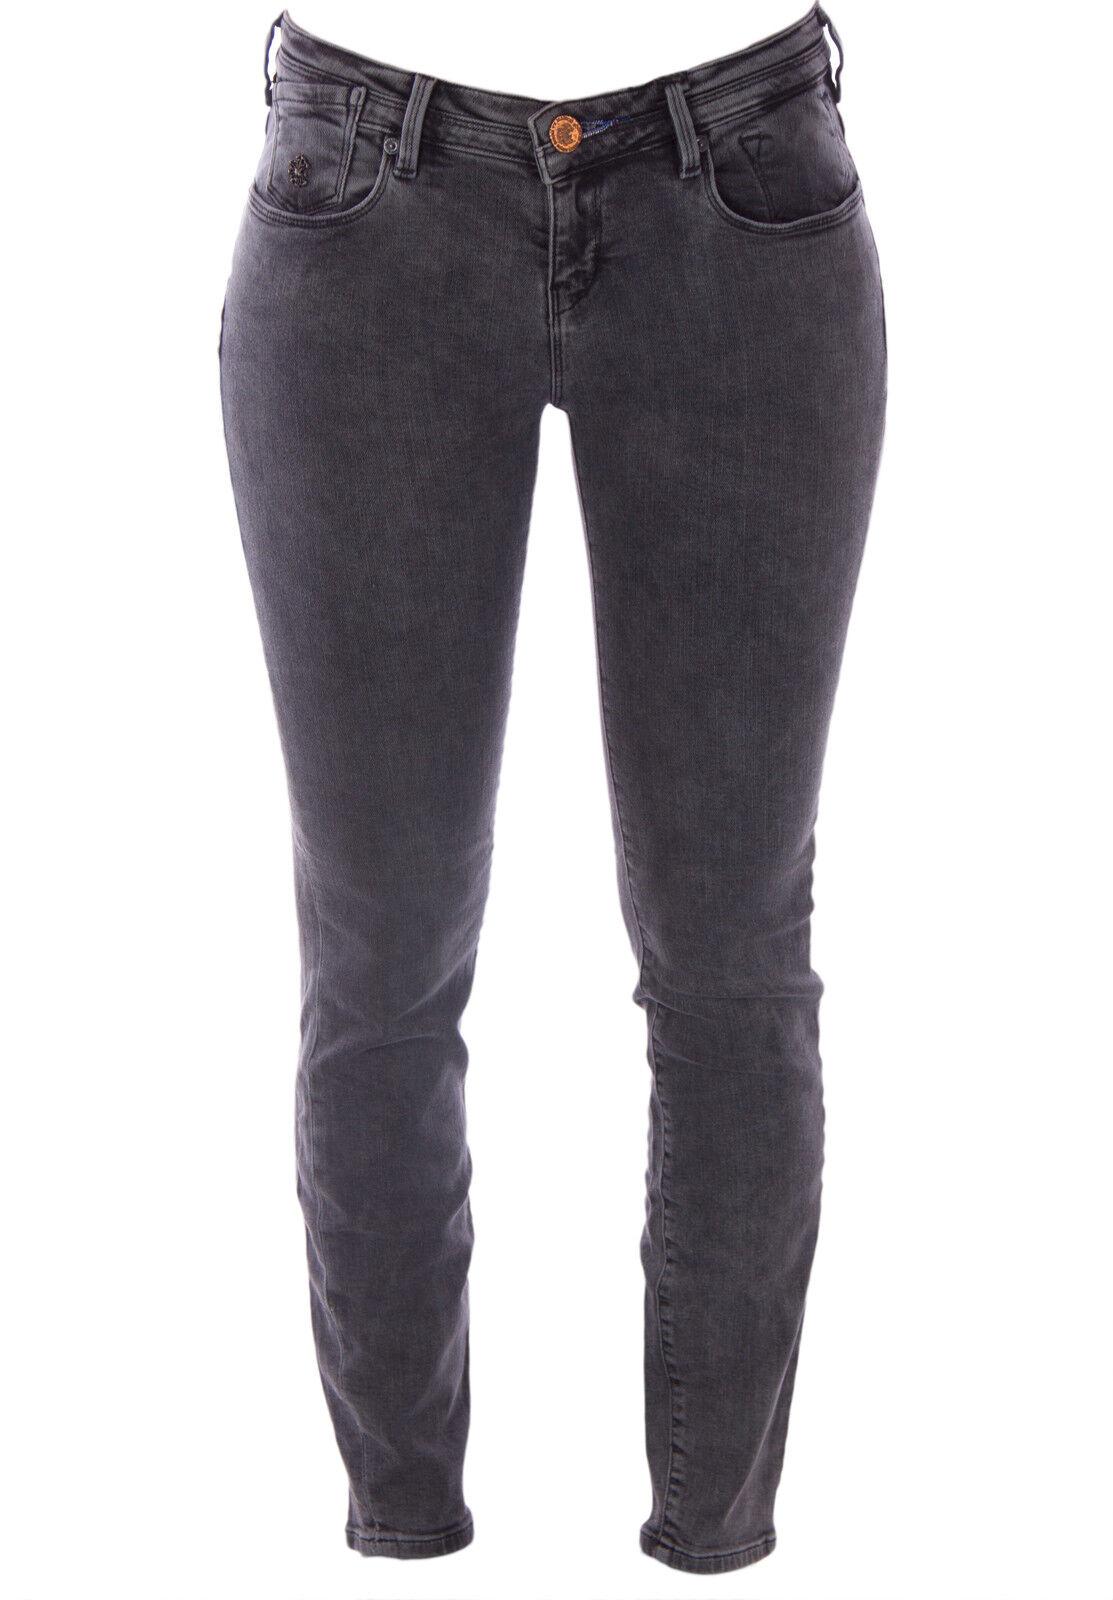 SCOTCH & SODA MAISON SCOTCH Graphite La Parisienne Skinny Jeans NWT